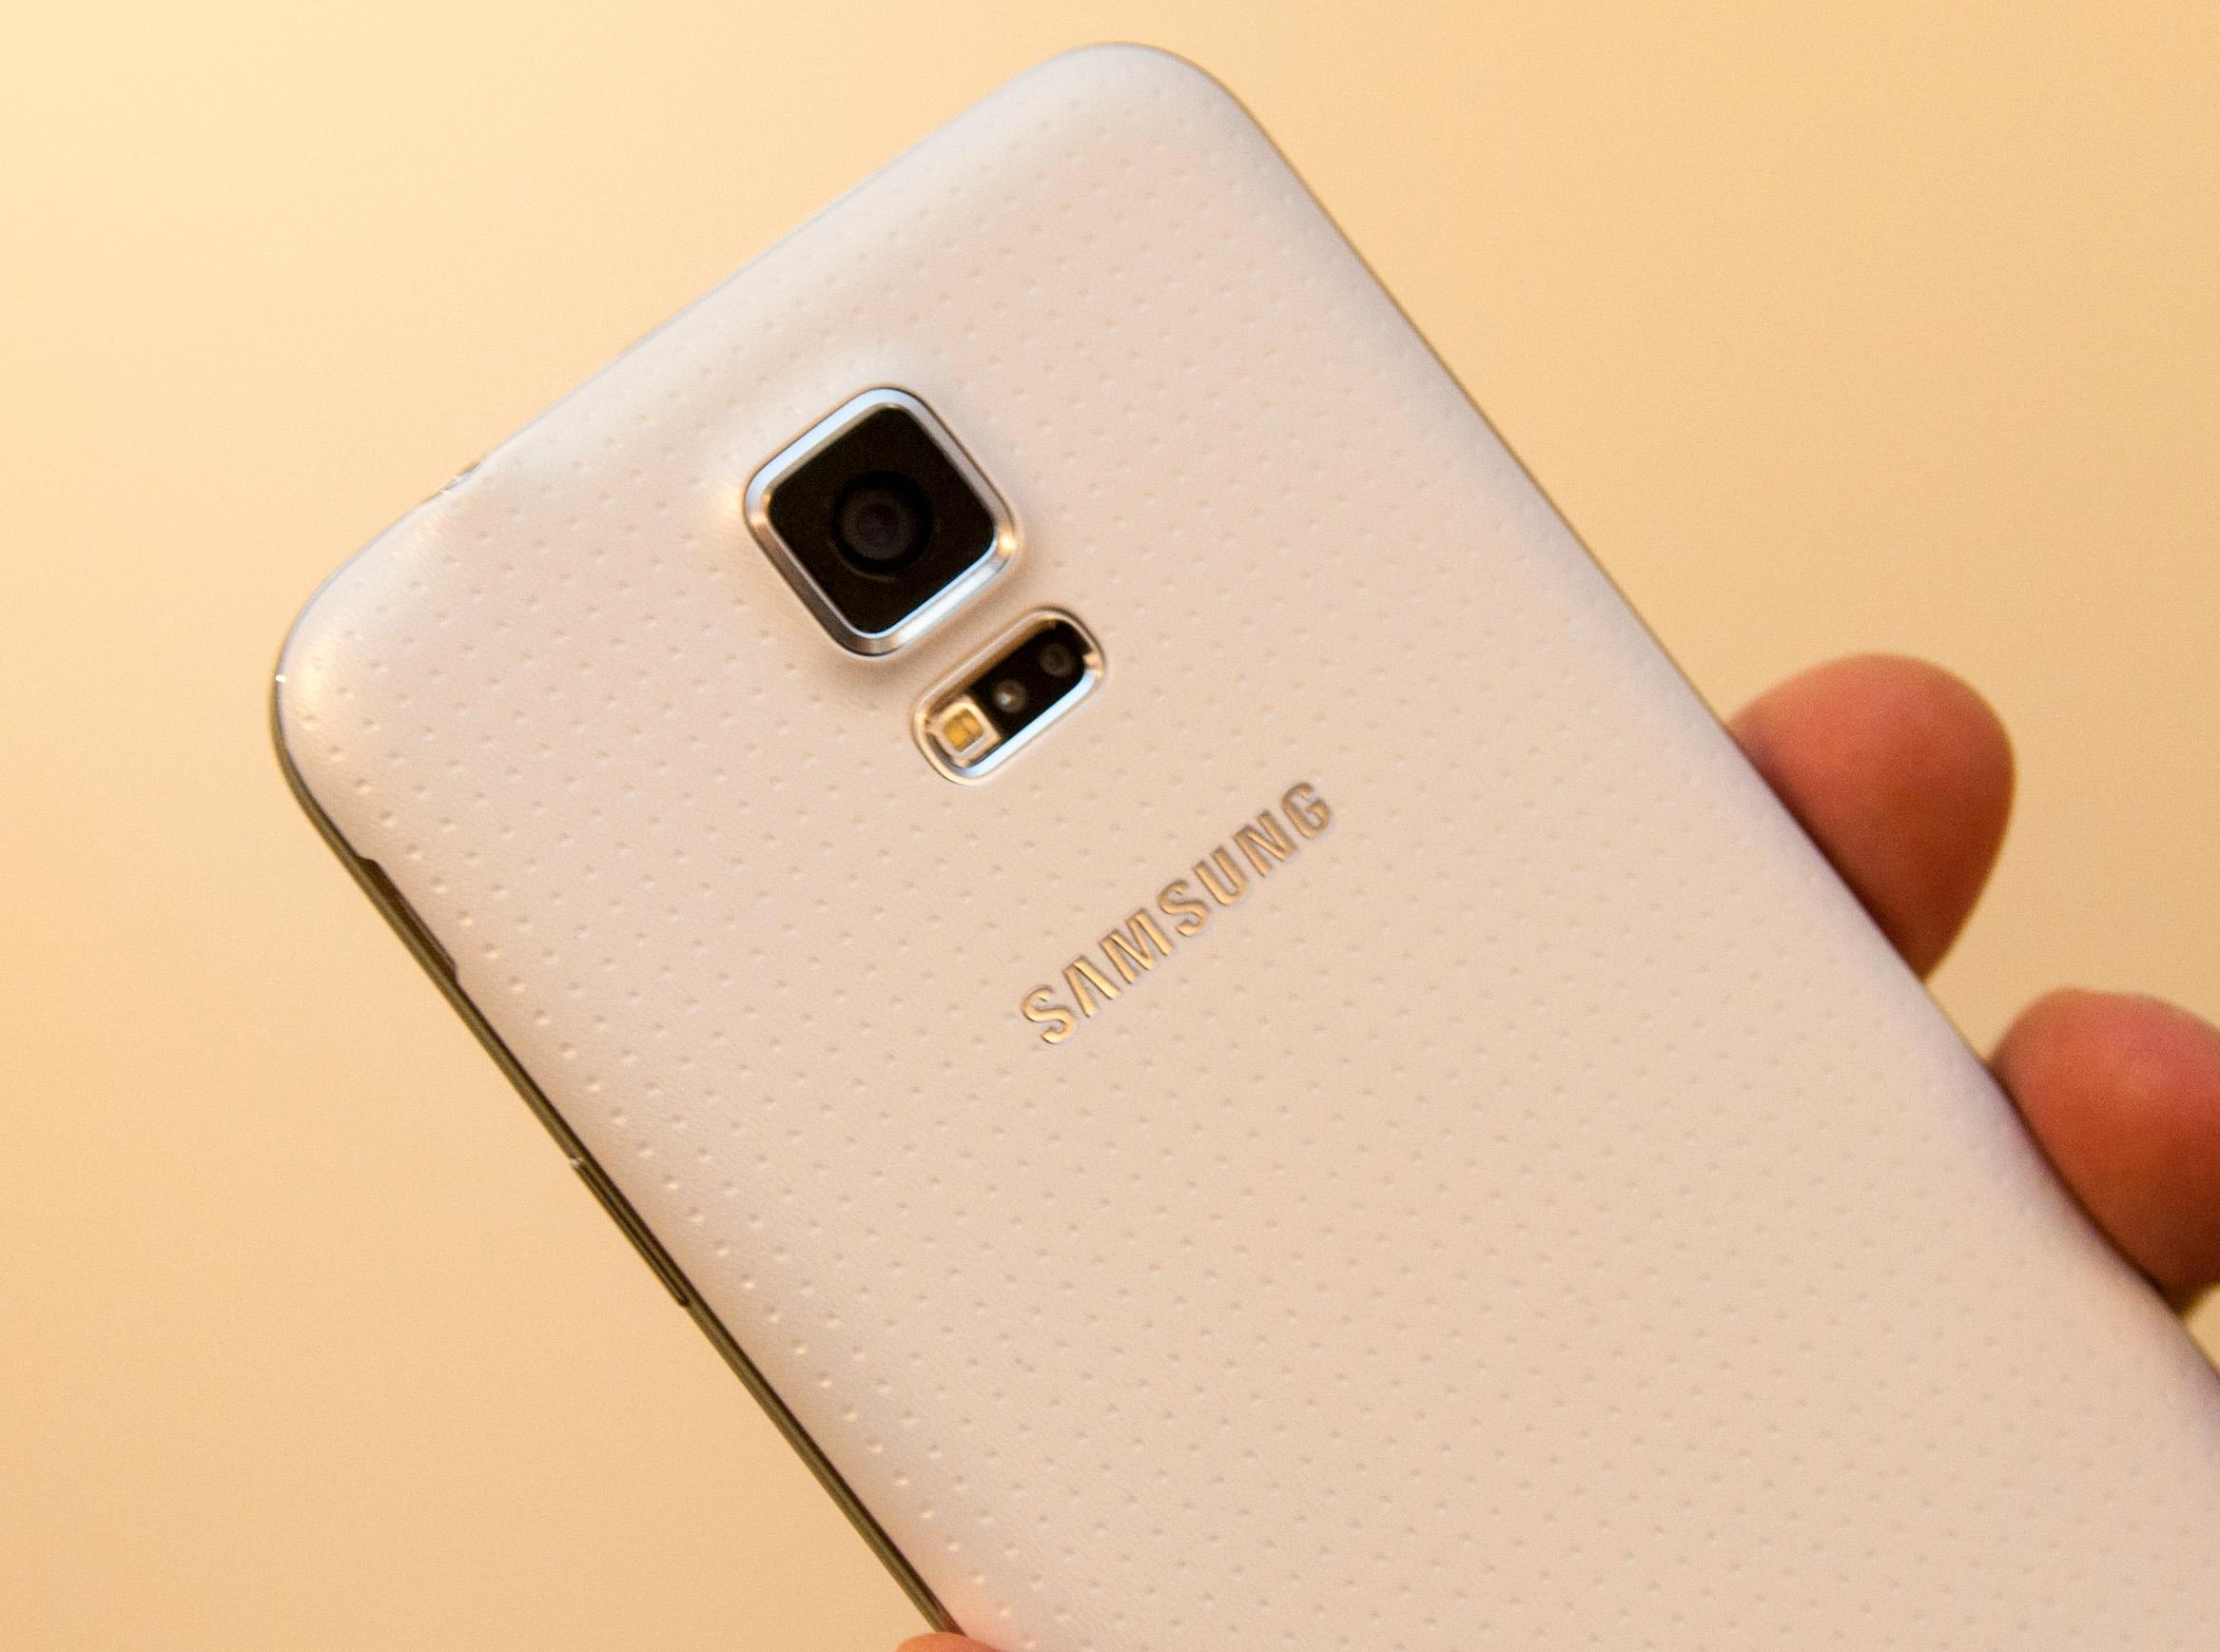 """Den """"perforerte"""" baksiden på Samsung Galaxy S5 er blitt sammenlignet med et plaster.Foto: Finn Jarle Kvalheim, Amobil.no"""